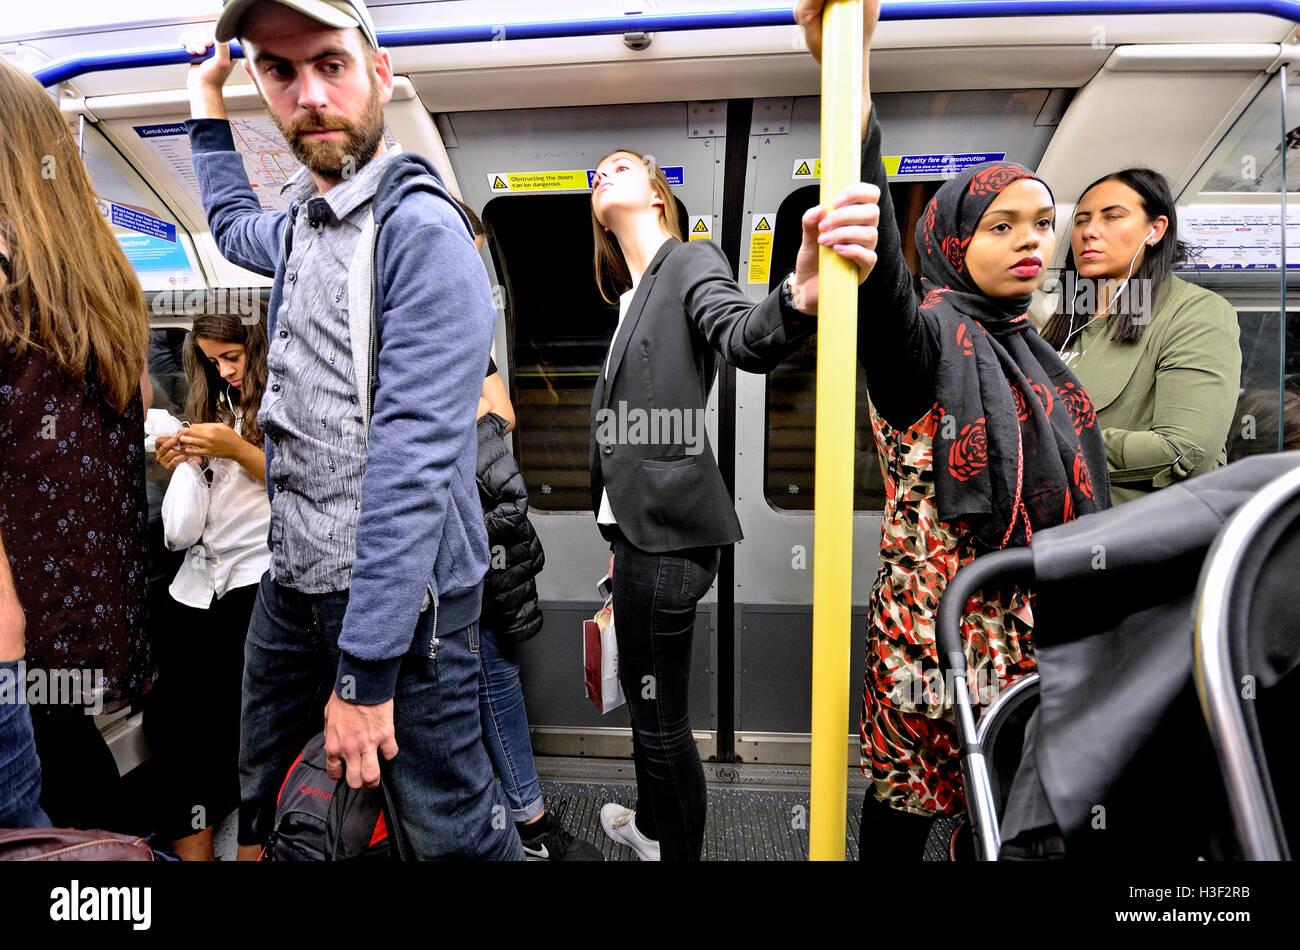 Londres, Angleterre, Royaume-Uni. Les gens debout dans un train de métro Photo Stock